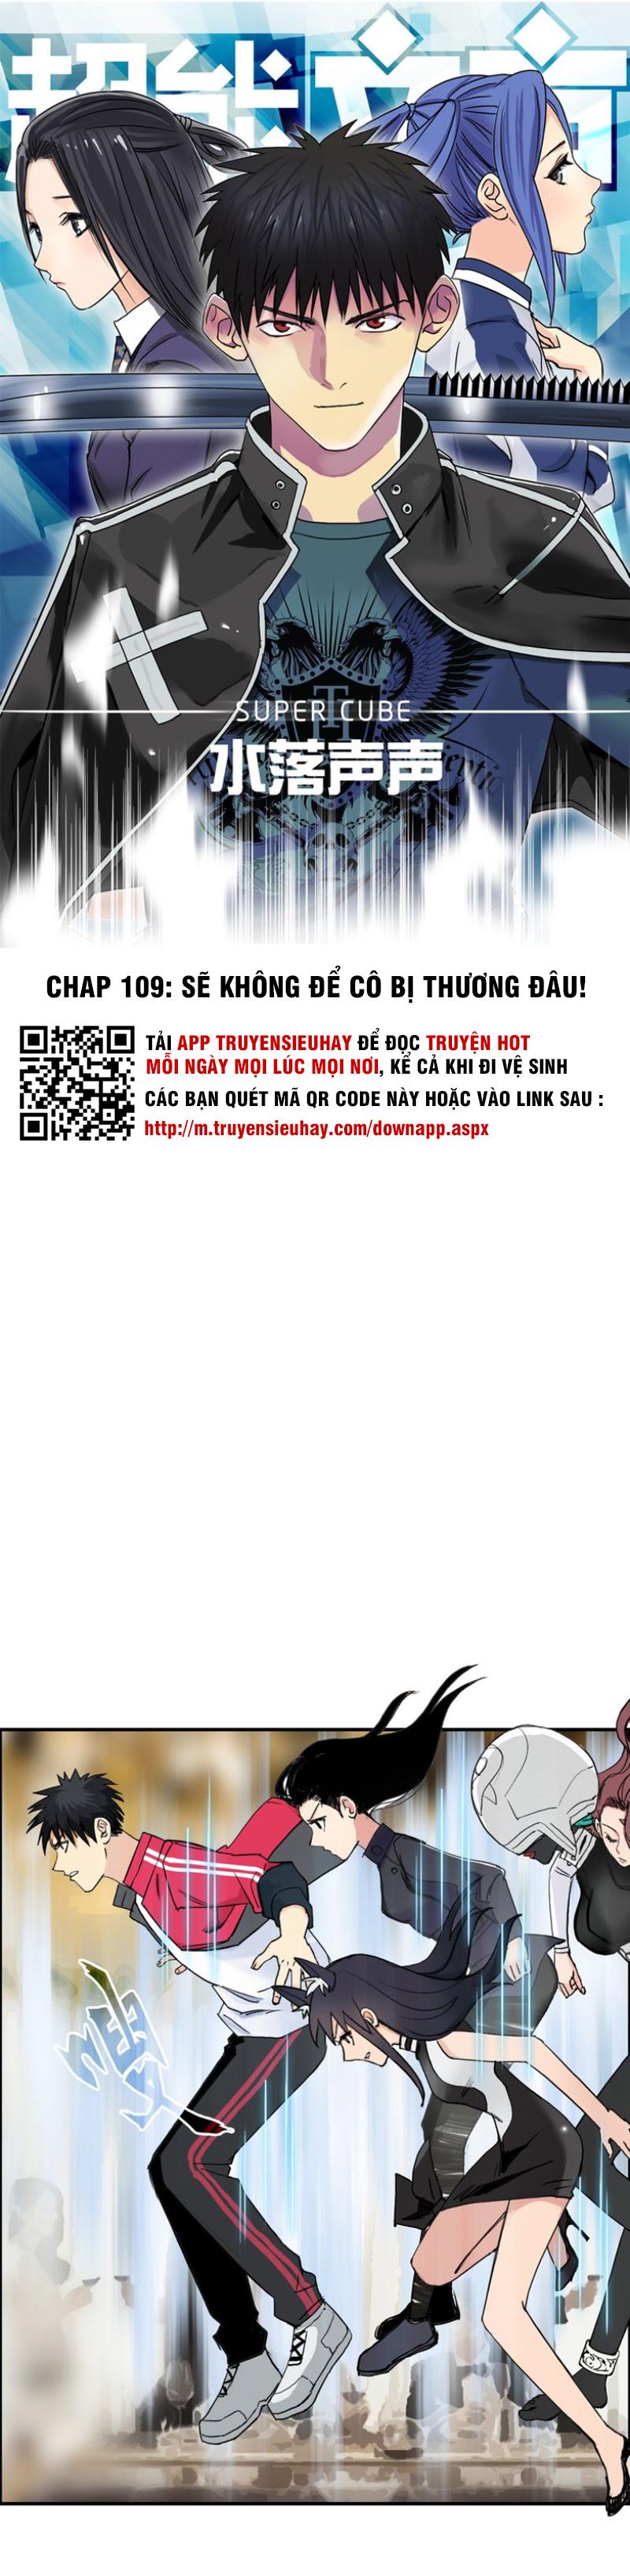 Siêu Năng Lập Phương Chapter 109 video - Hamtruyen.vn